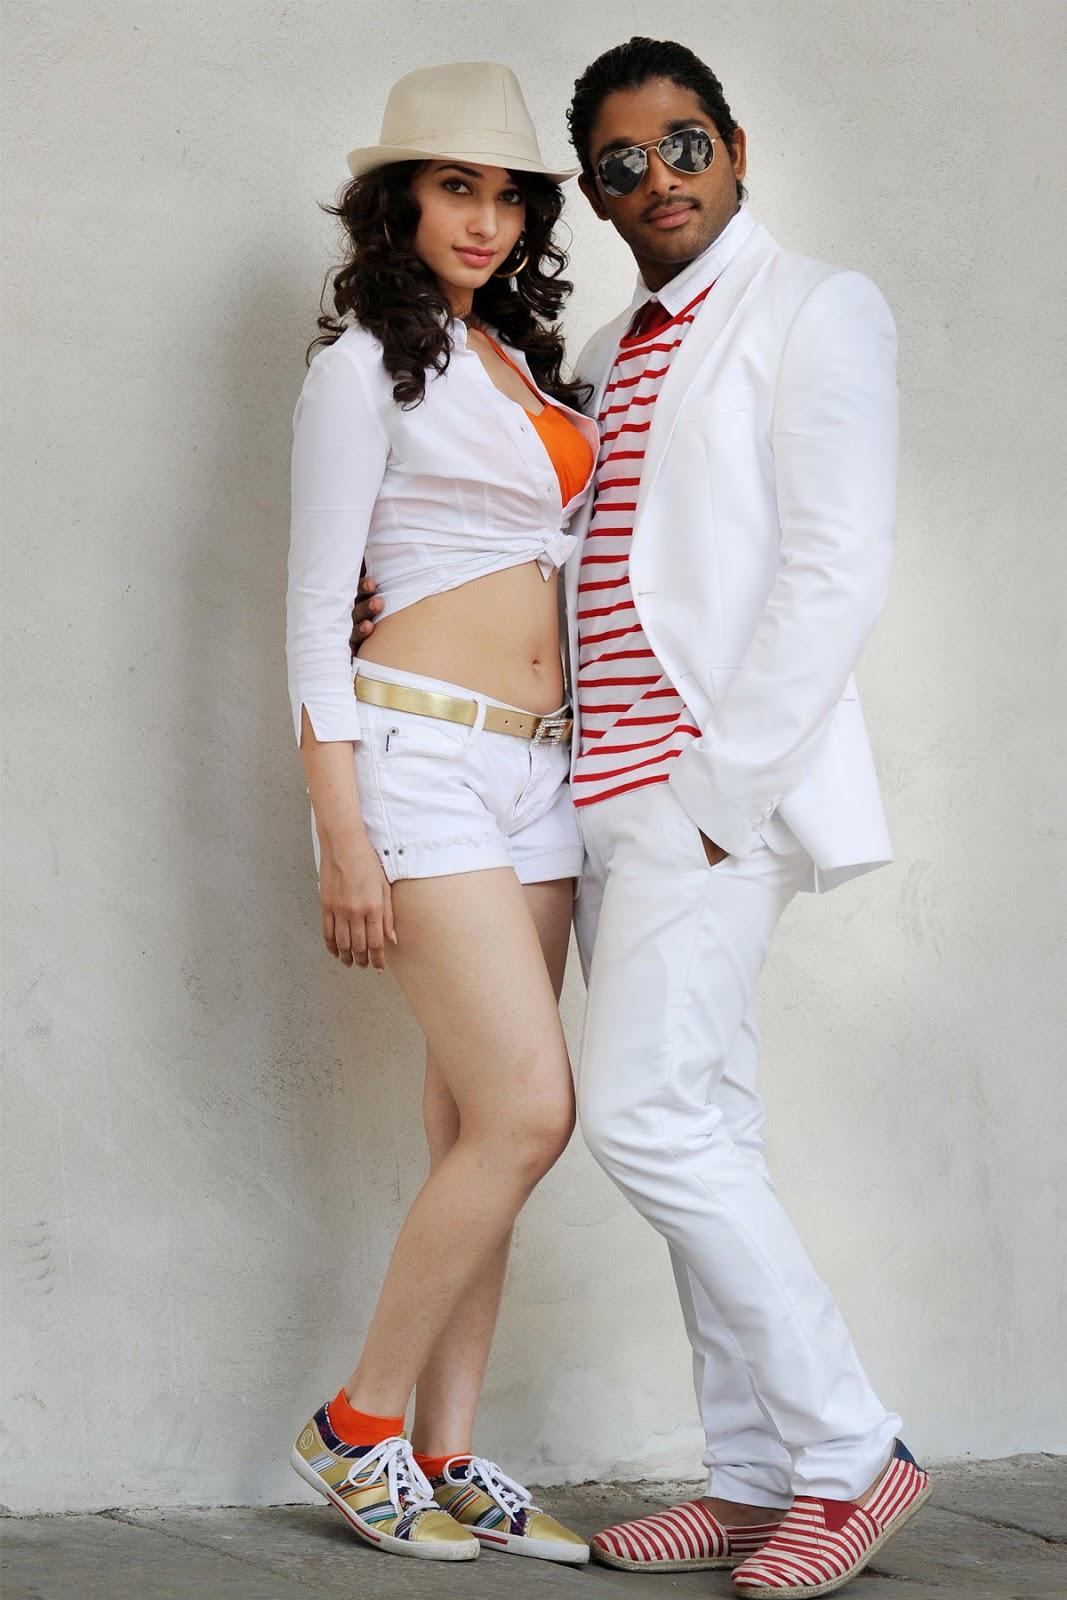 hd wallpapers 1080 720p free download stylish star allu arjun hd ...